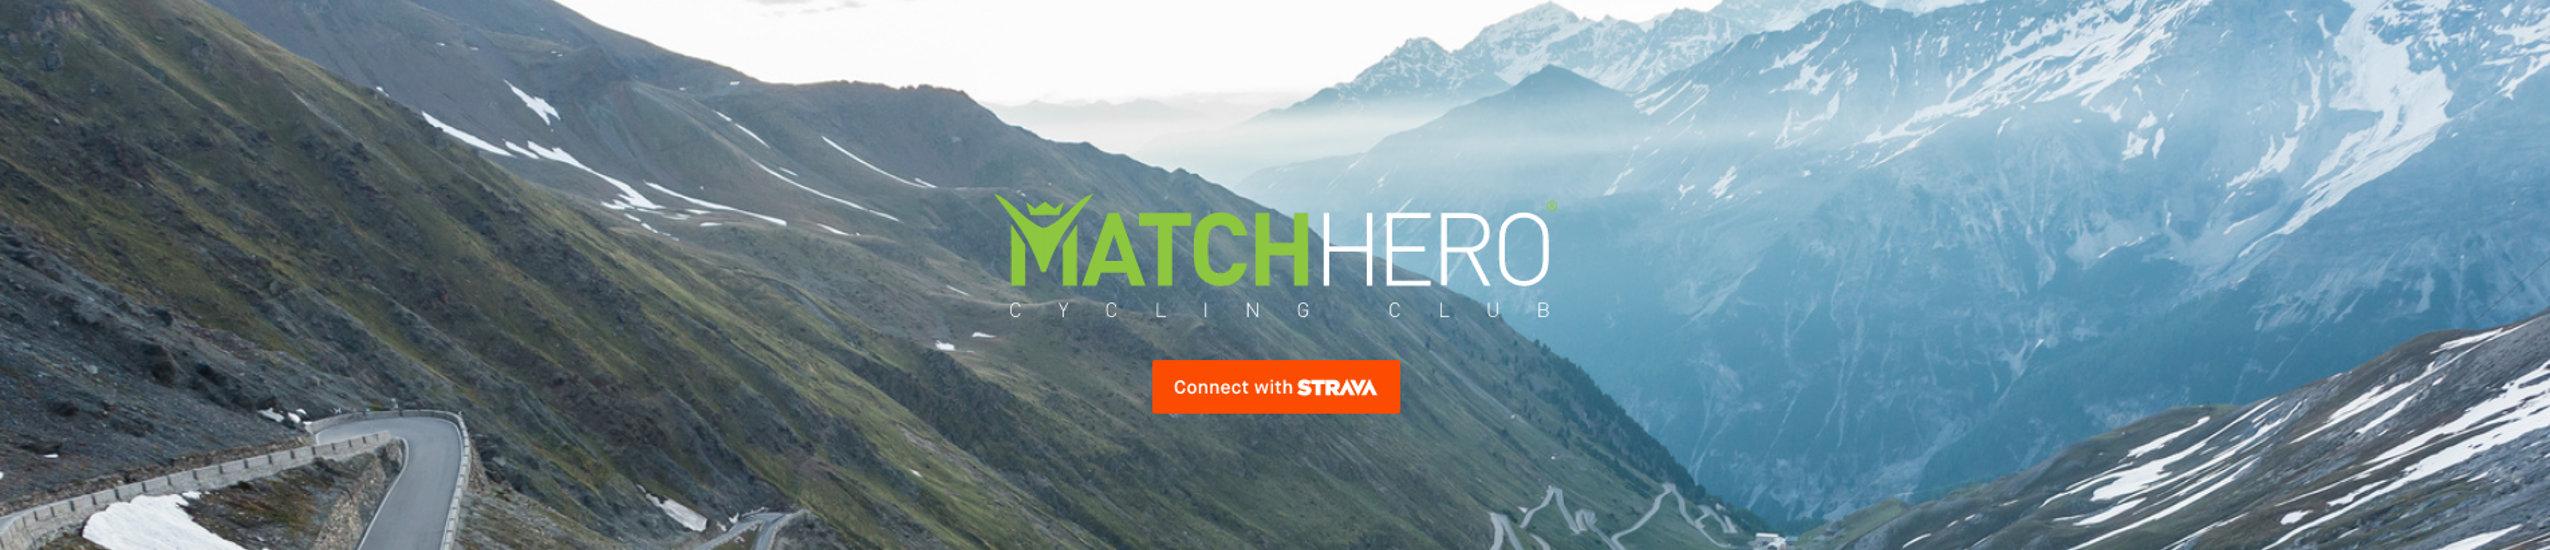 MatchHero Cycling